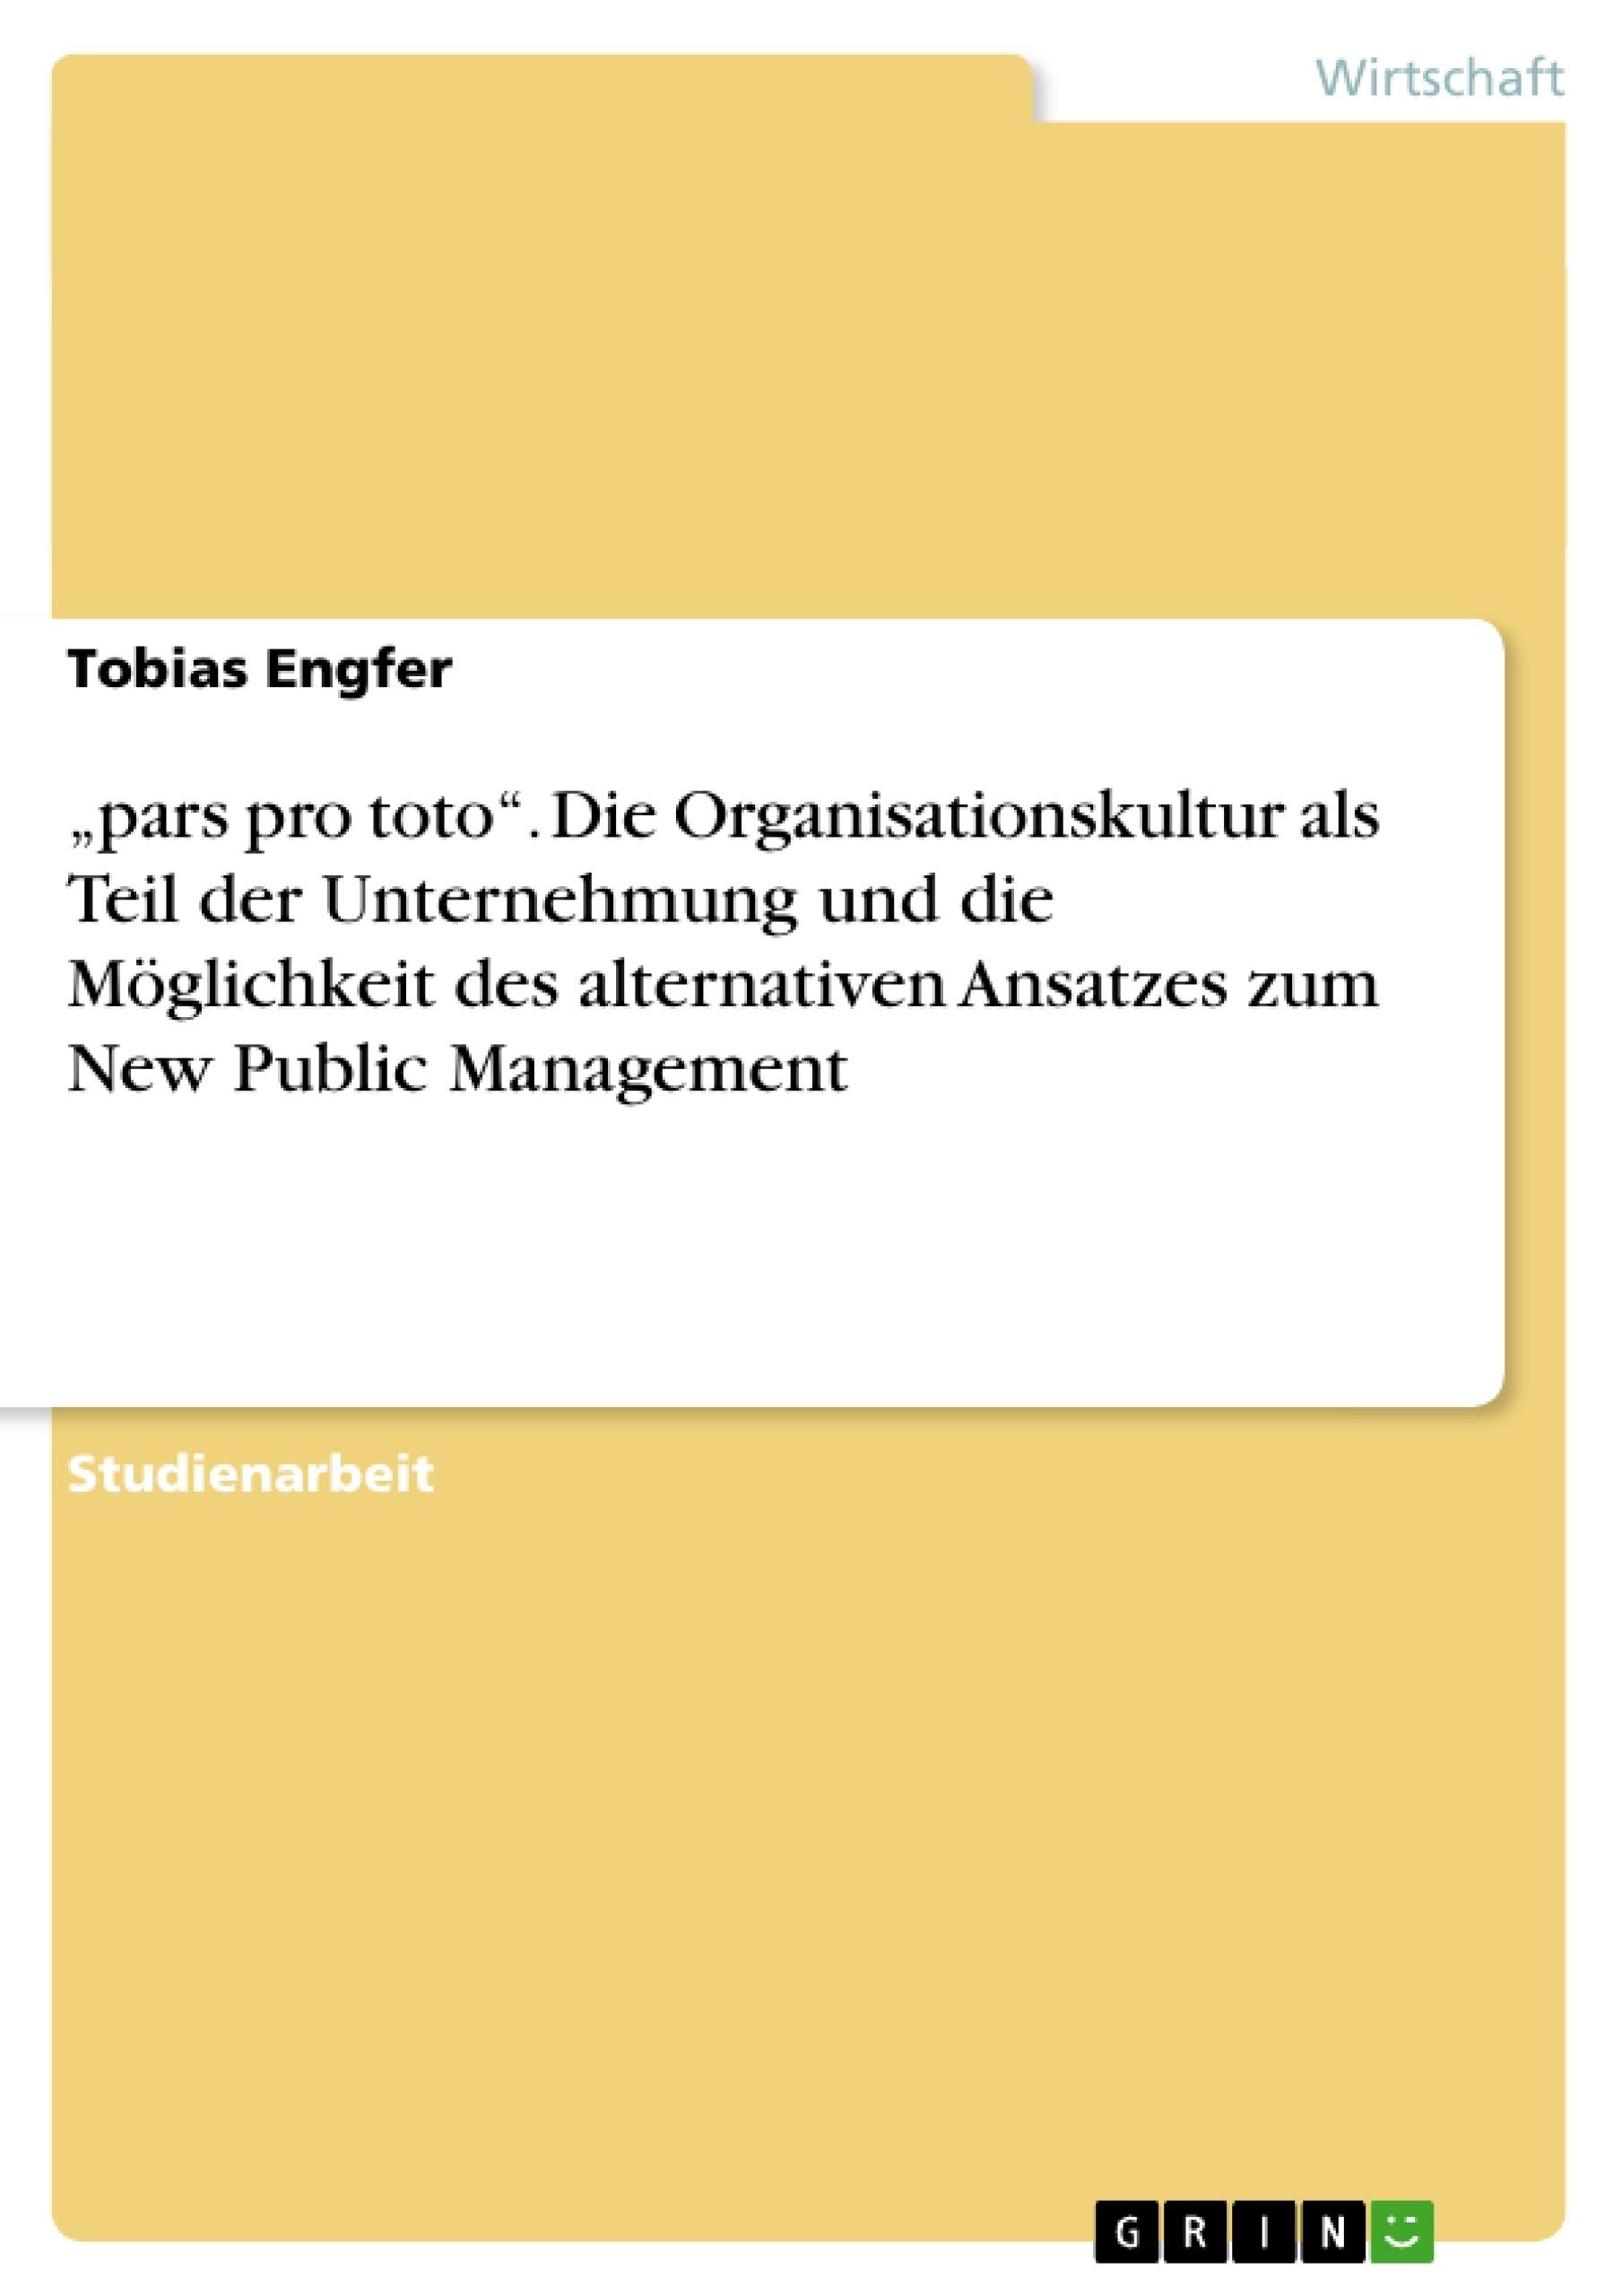 """Titel: """"pars pro toto"""". Die Organisationskultur als Teil der Unternehmung und die Möglichkeit des alternativen Ansatzes zum New Public Management"""